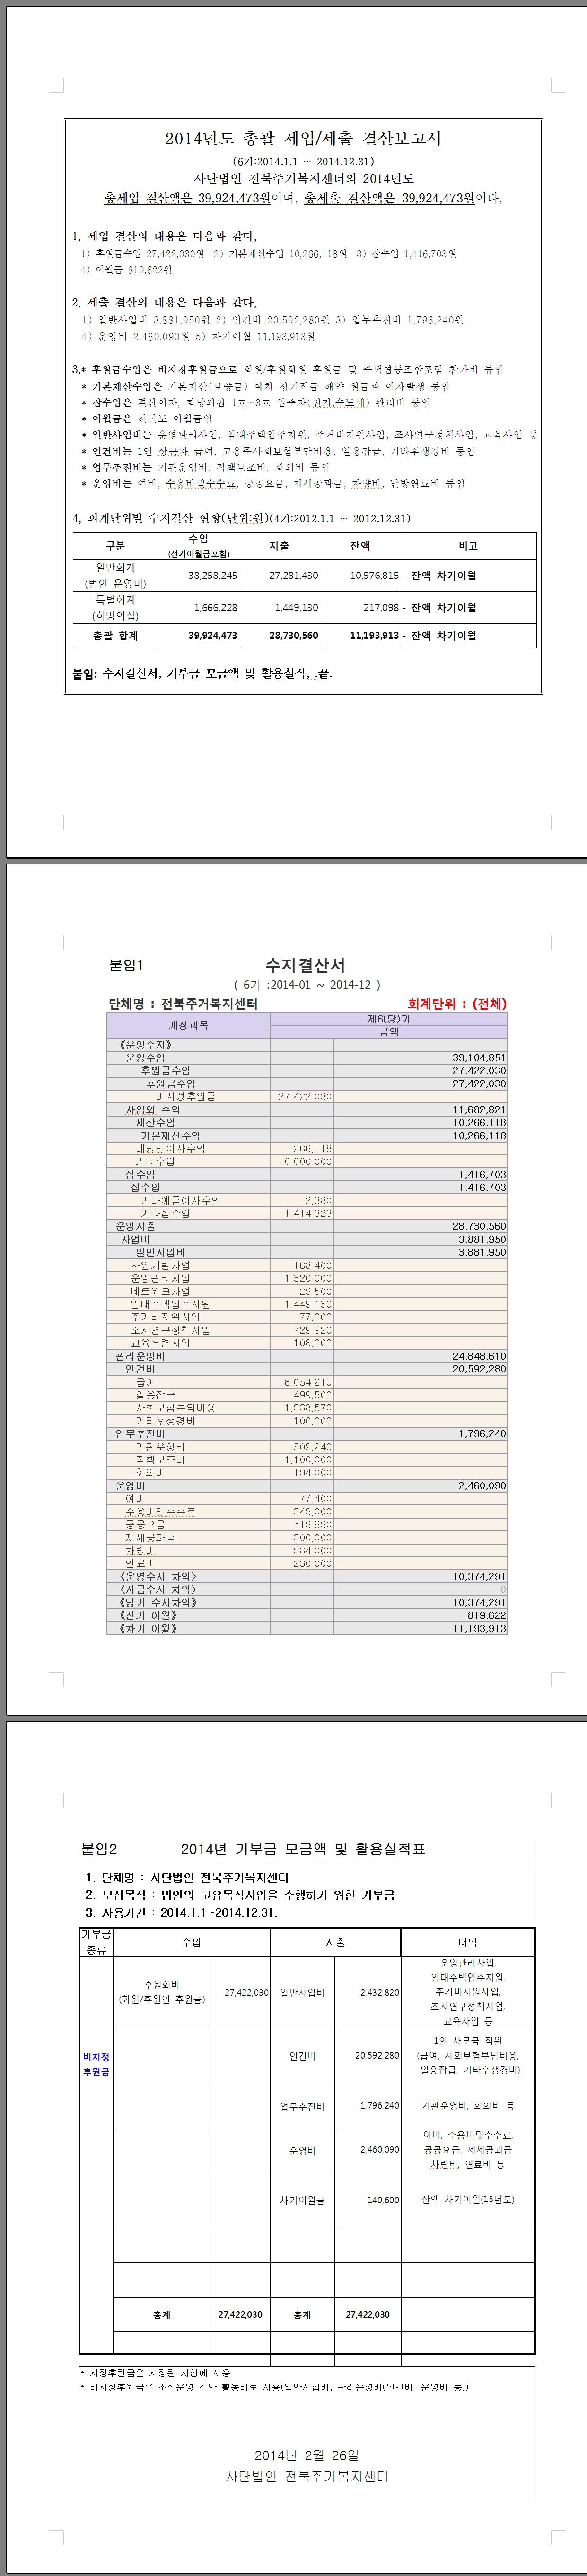 2014년총괄결산보고및기부금모금액및활용실적.jpg